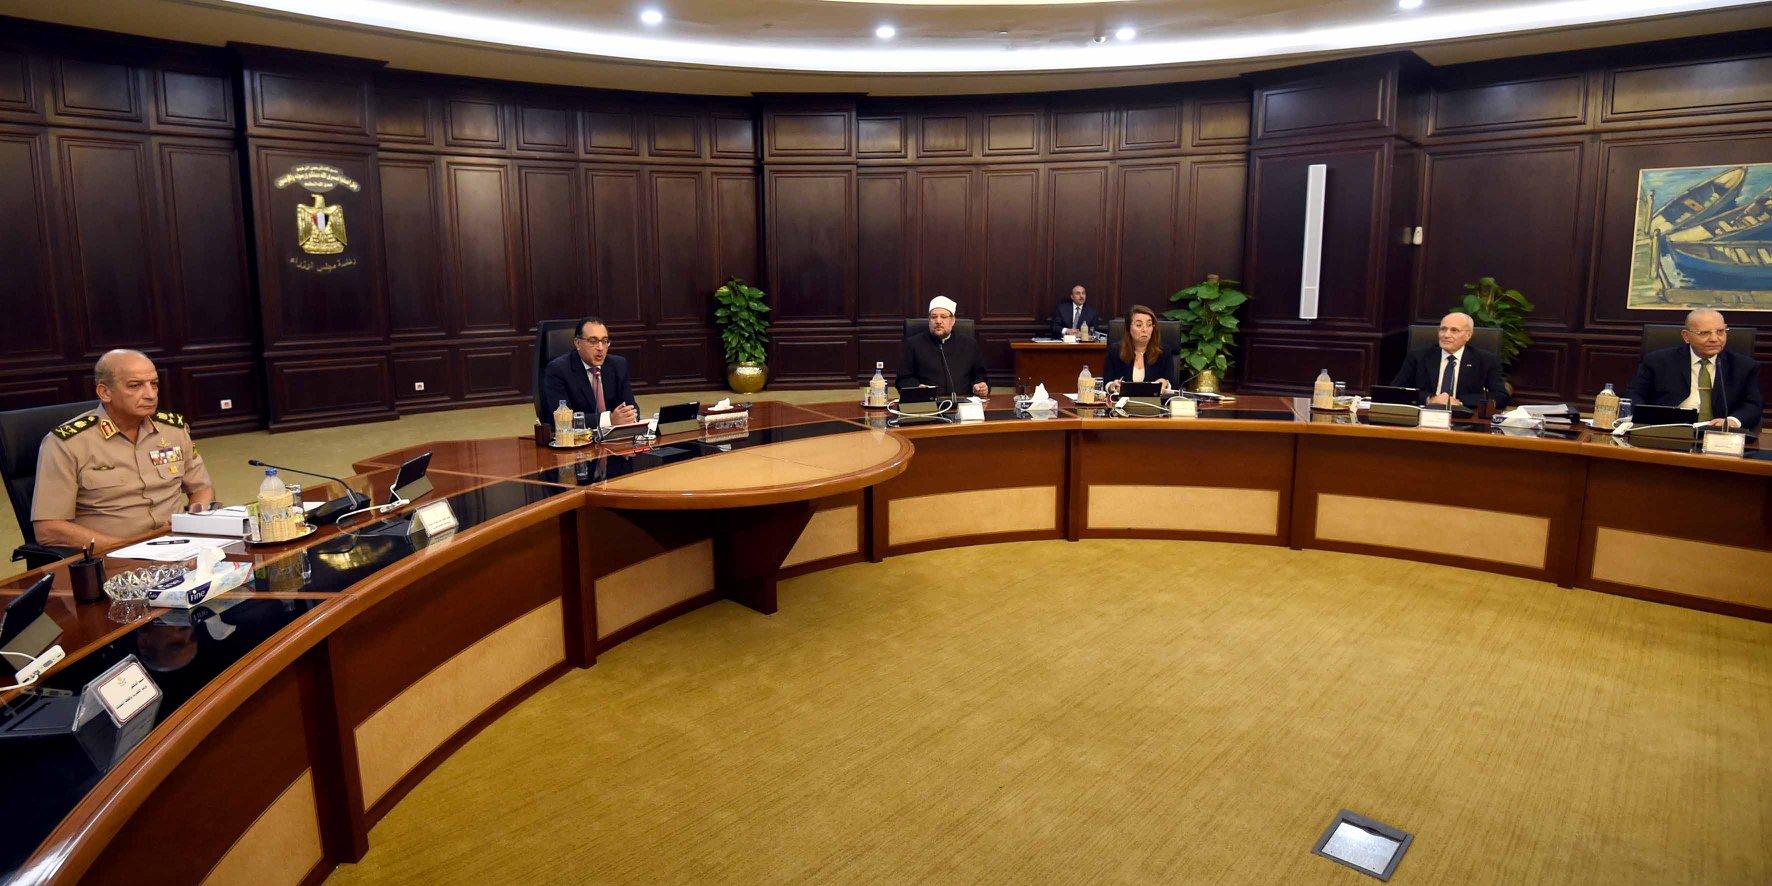 رئيس الوزراء يترأس اجتماع الحكومة بالعلمين الجديدة ويتفقد عددا من المشروعات